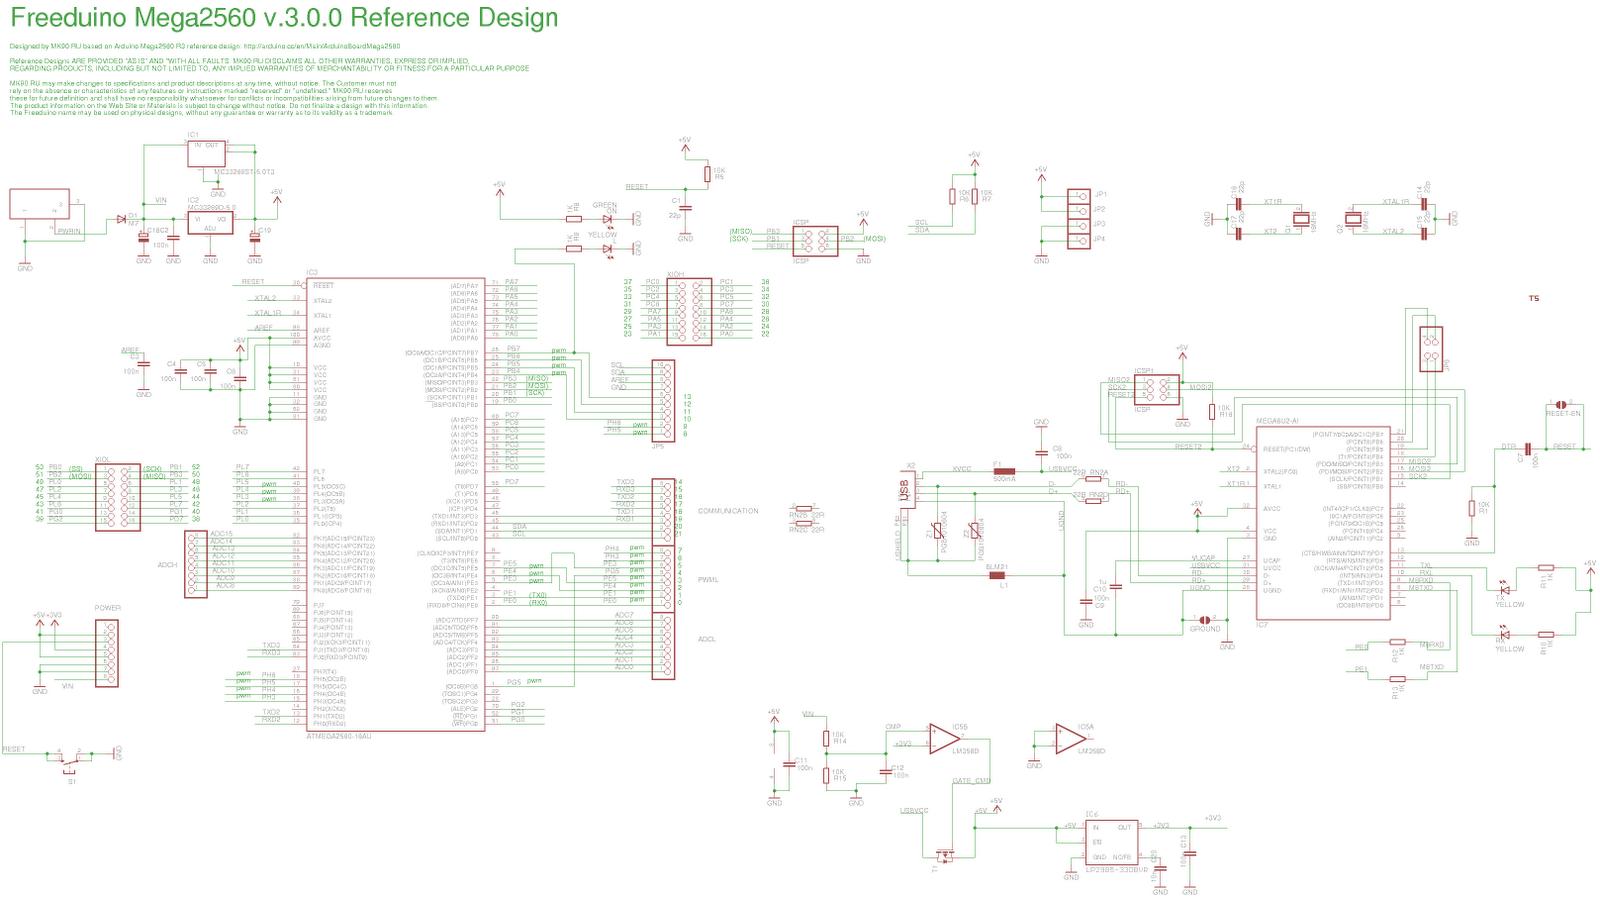 Arduino Mk 90 Freeduino Mega 3 0 0